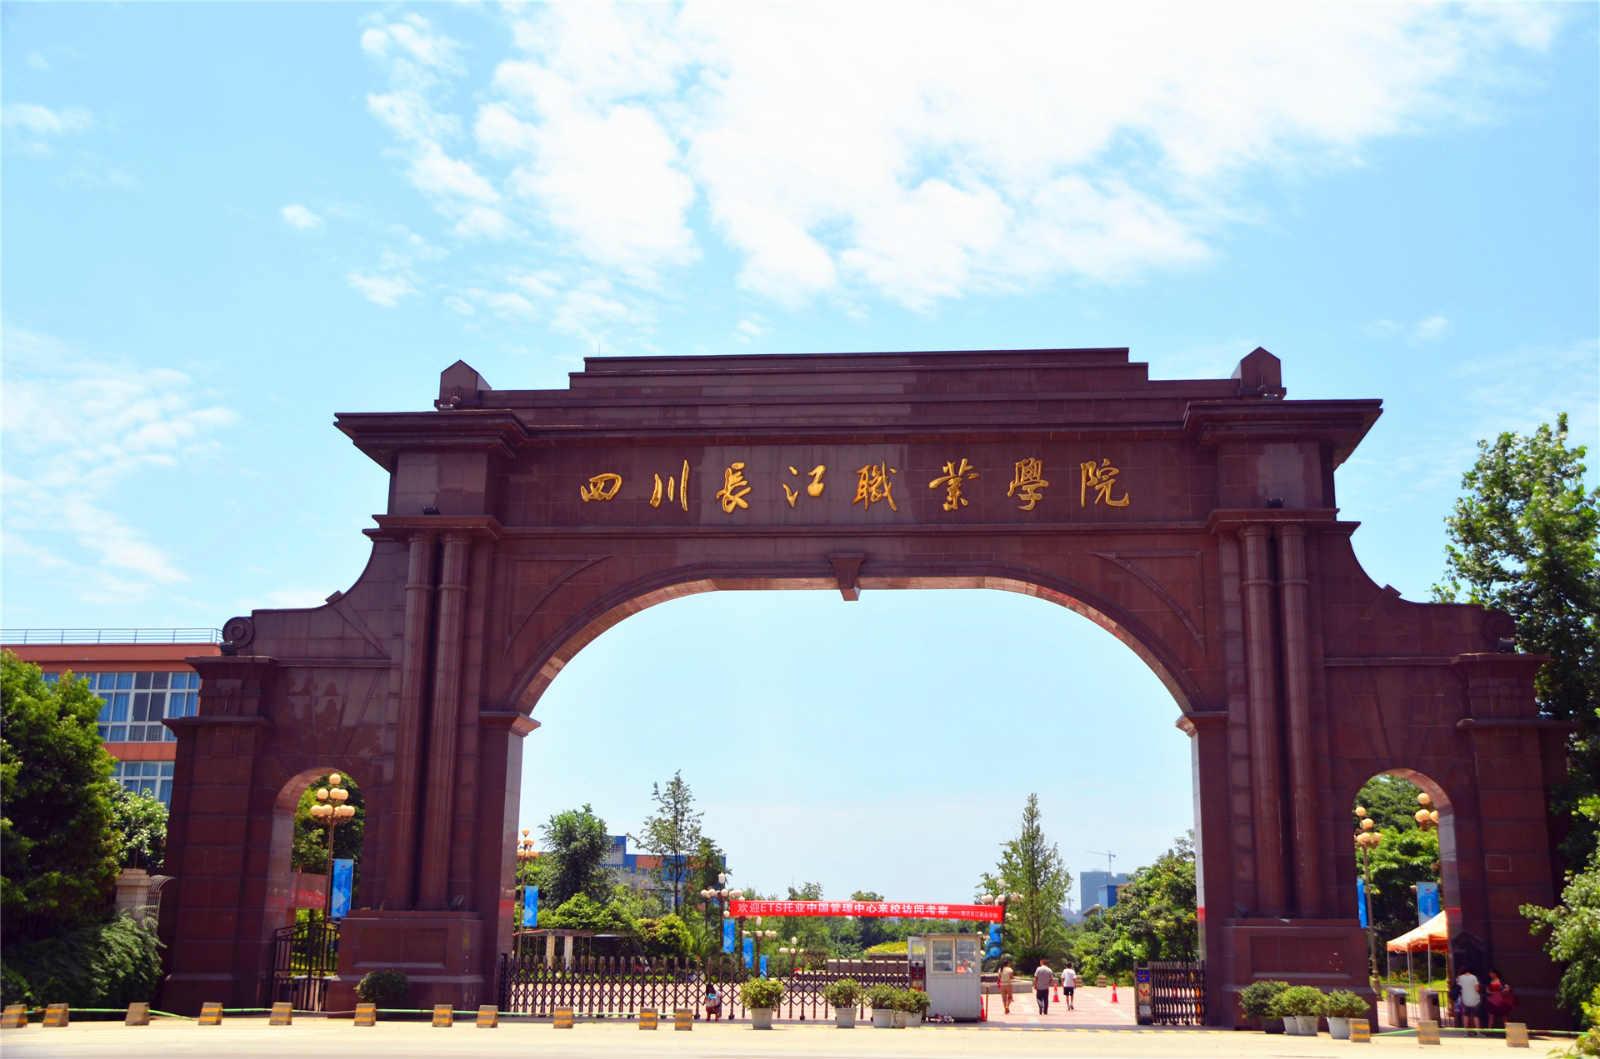 国内资深长江艺术设计系找哪家好公司,首选四川长江职业学院